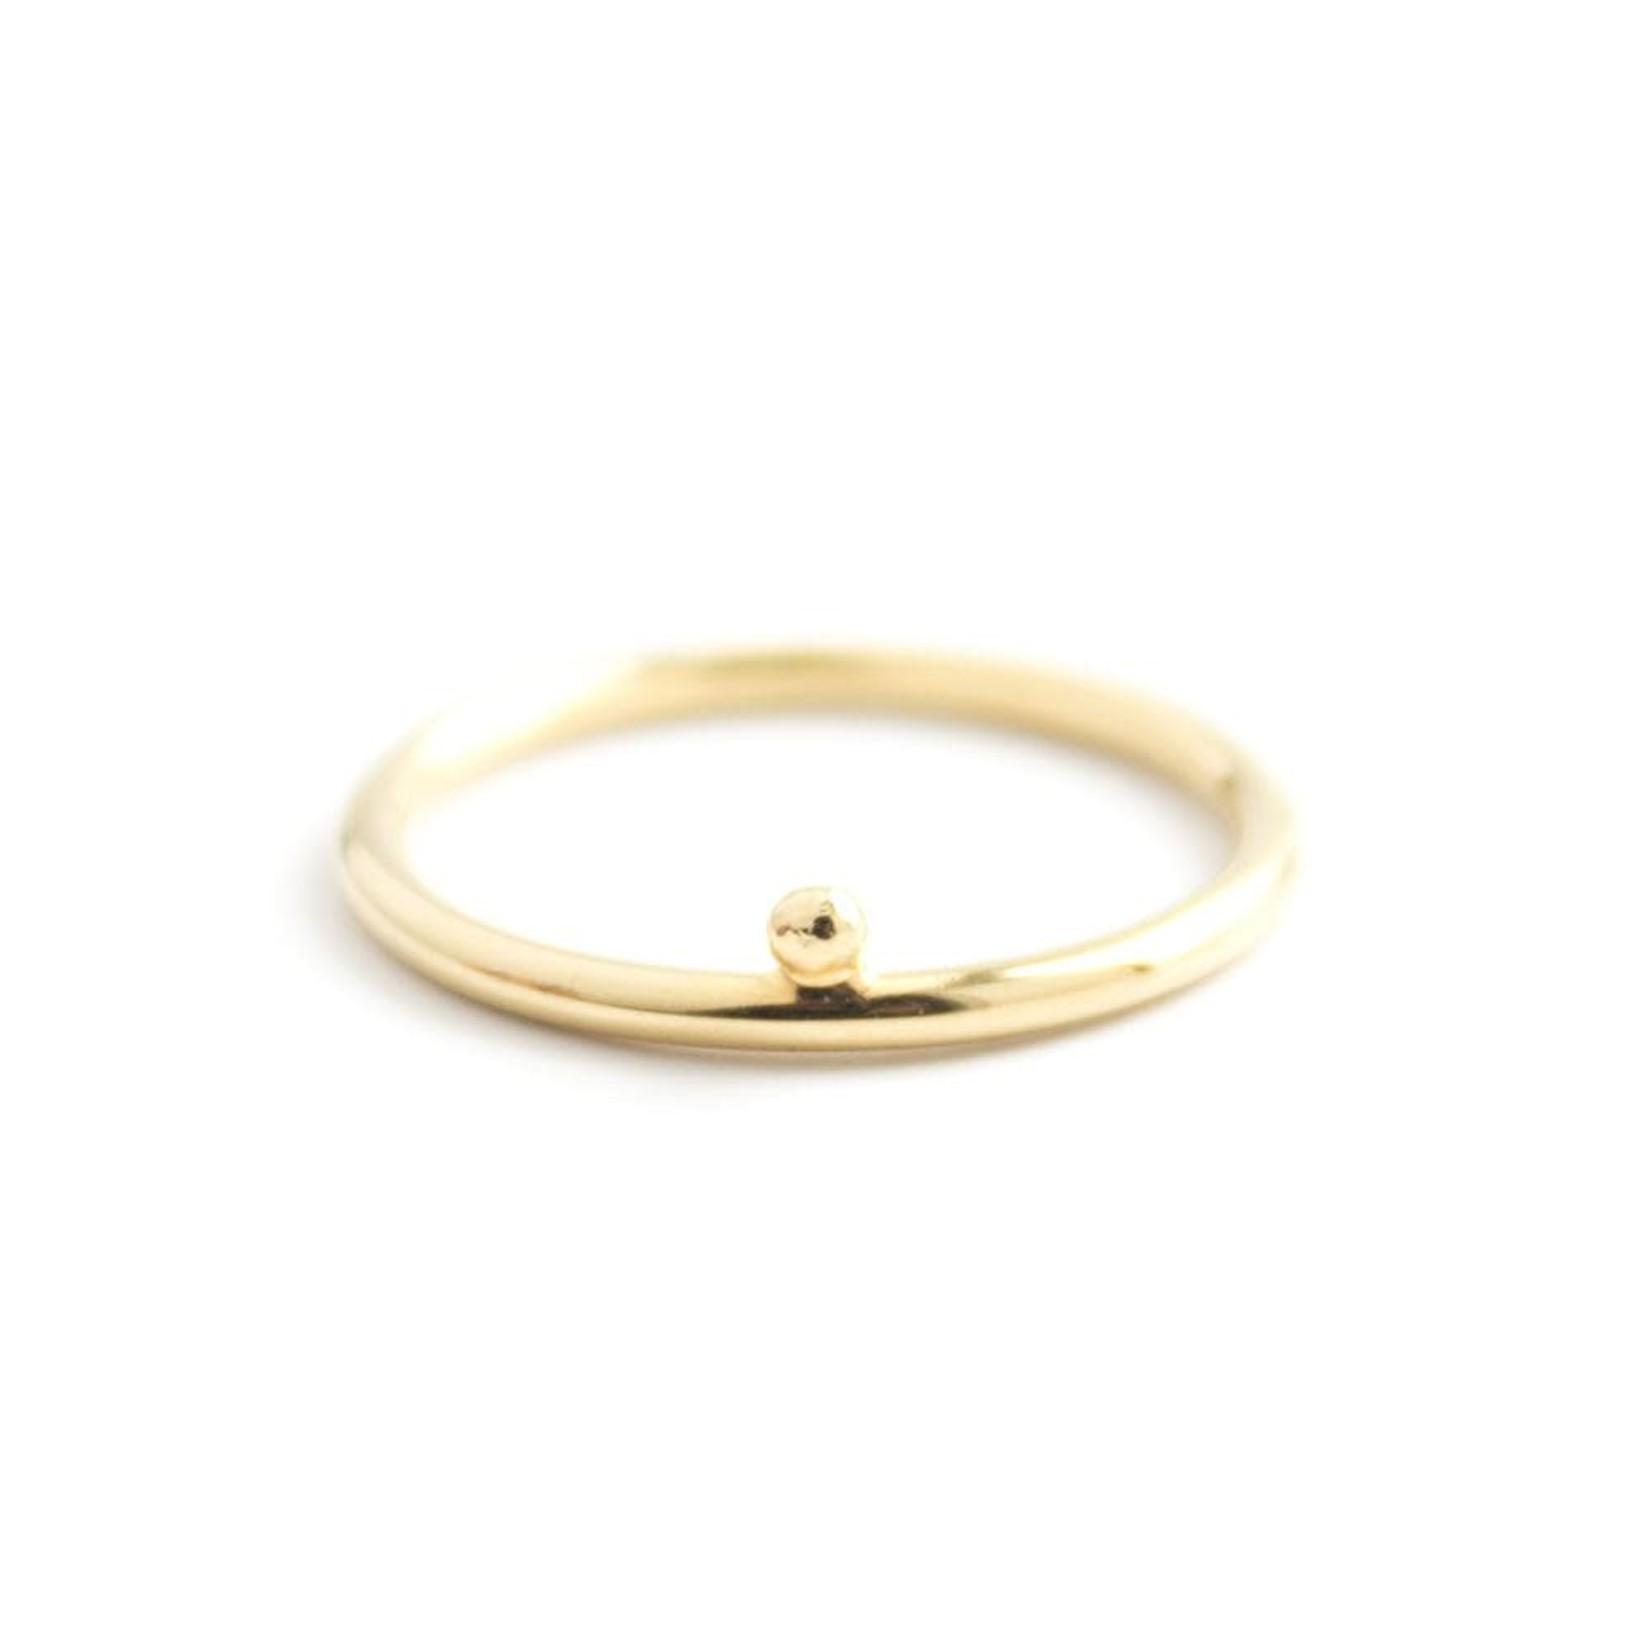 Welldunn jewelry Welldunn bague BOULAY or